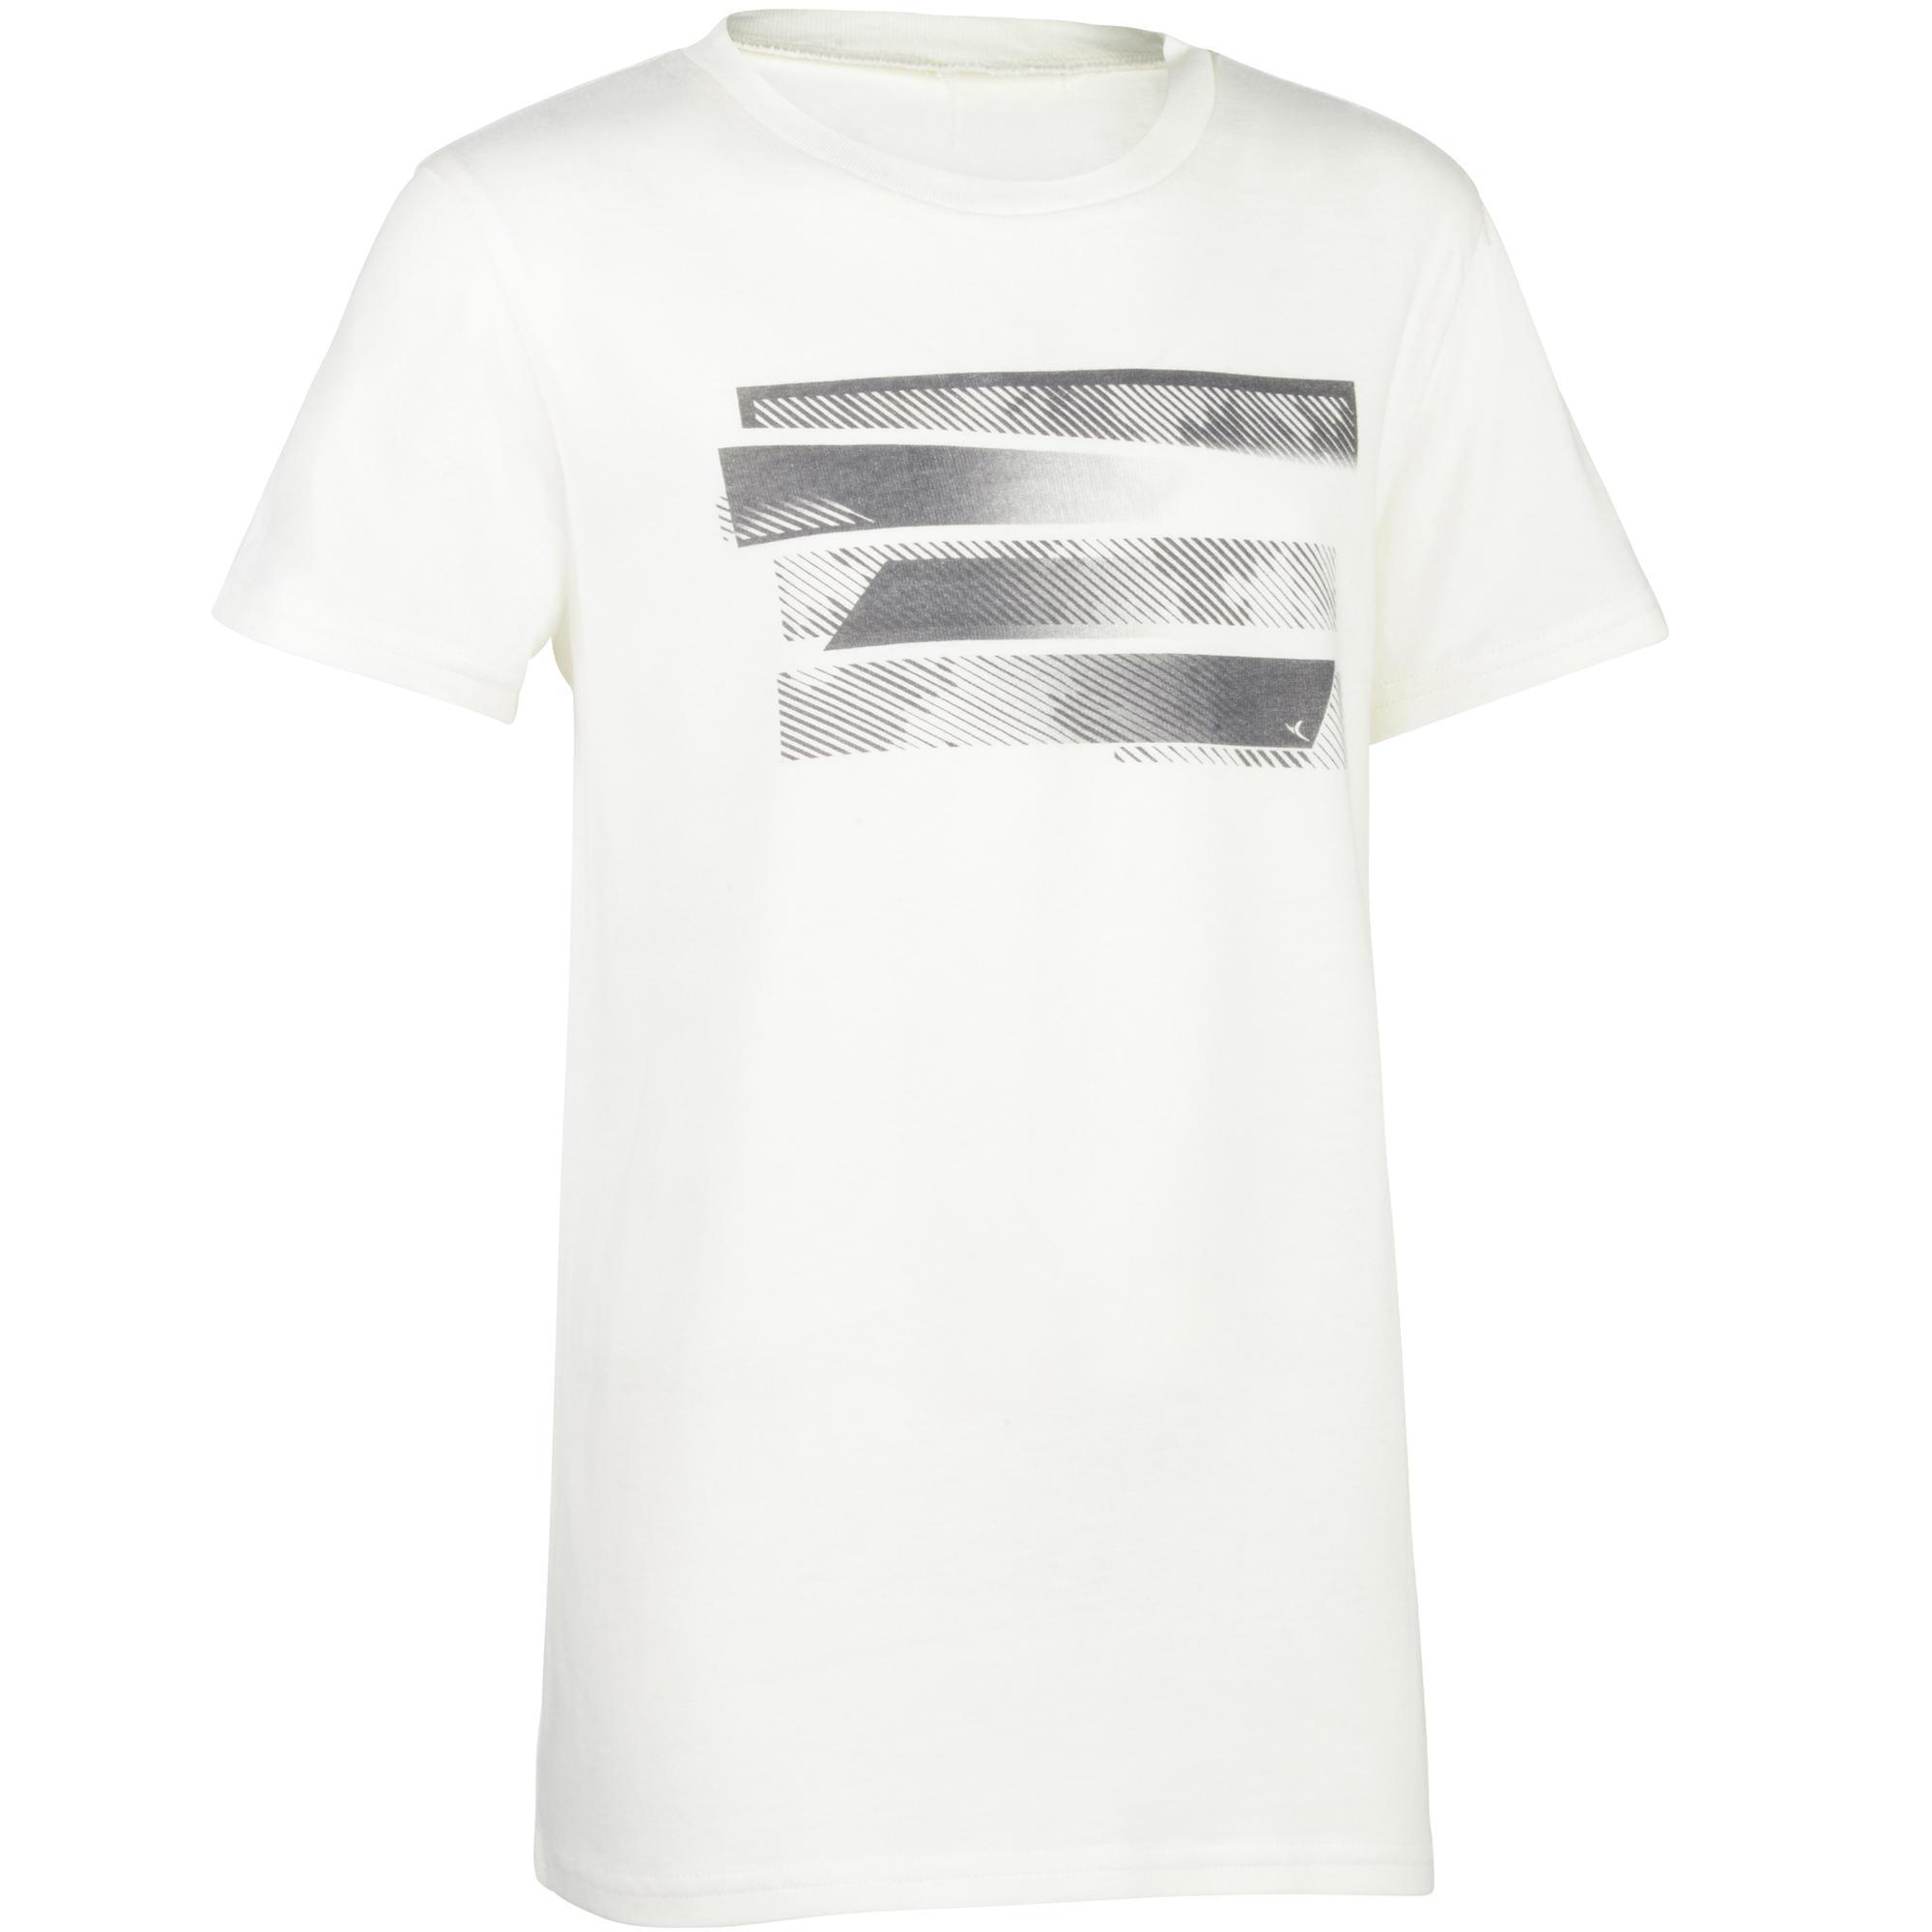 Kleidung Agrar, Forst & Kommune Arbeits T-shirt Basic Navyblau